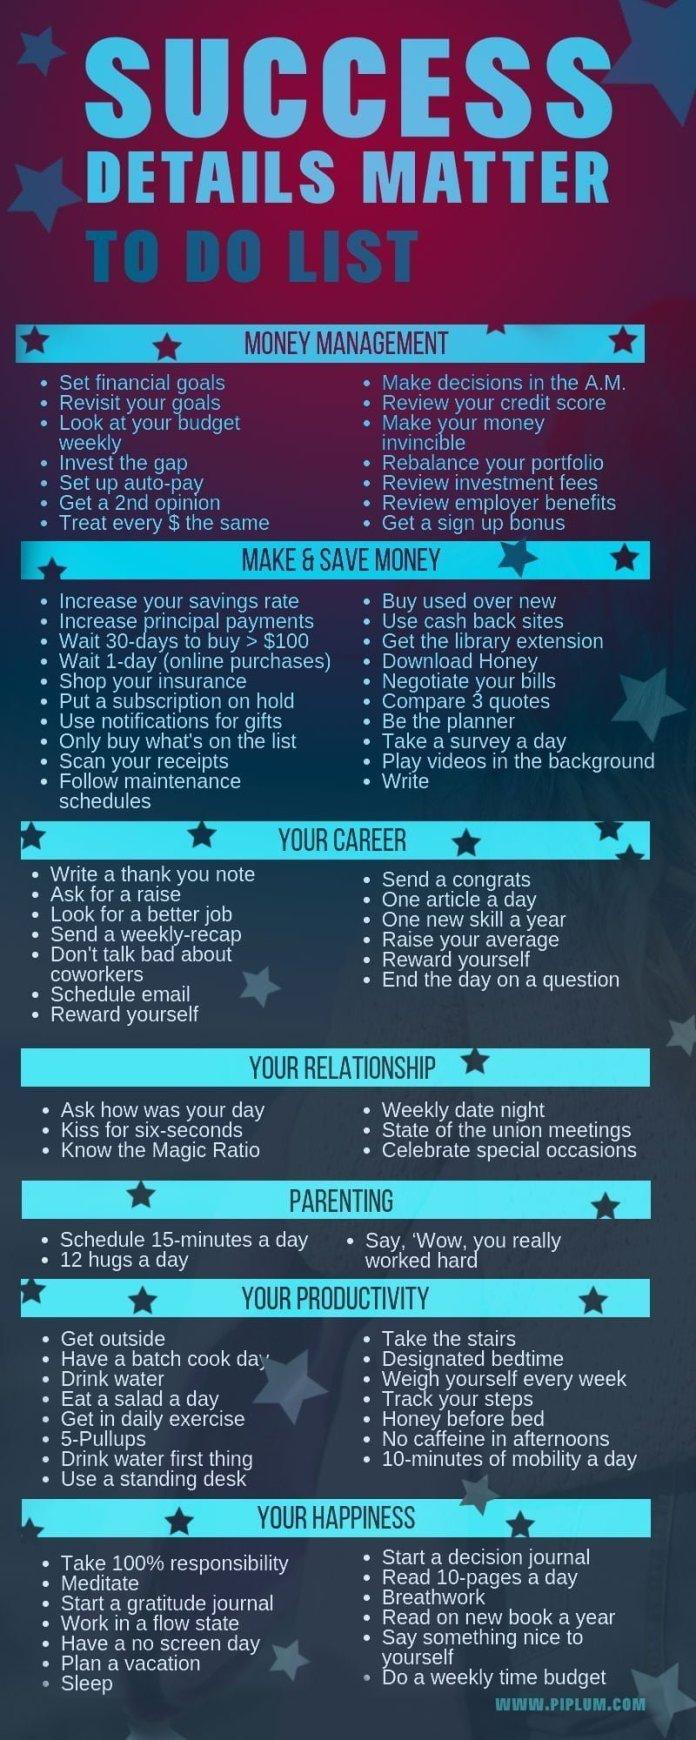 Success-details-matter-to-do-list-poster